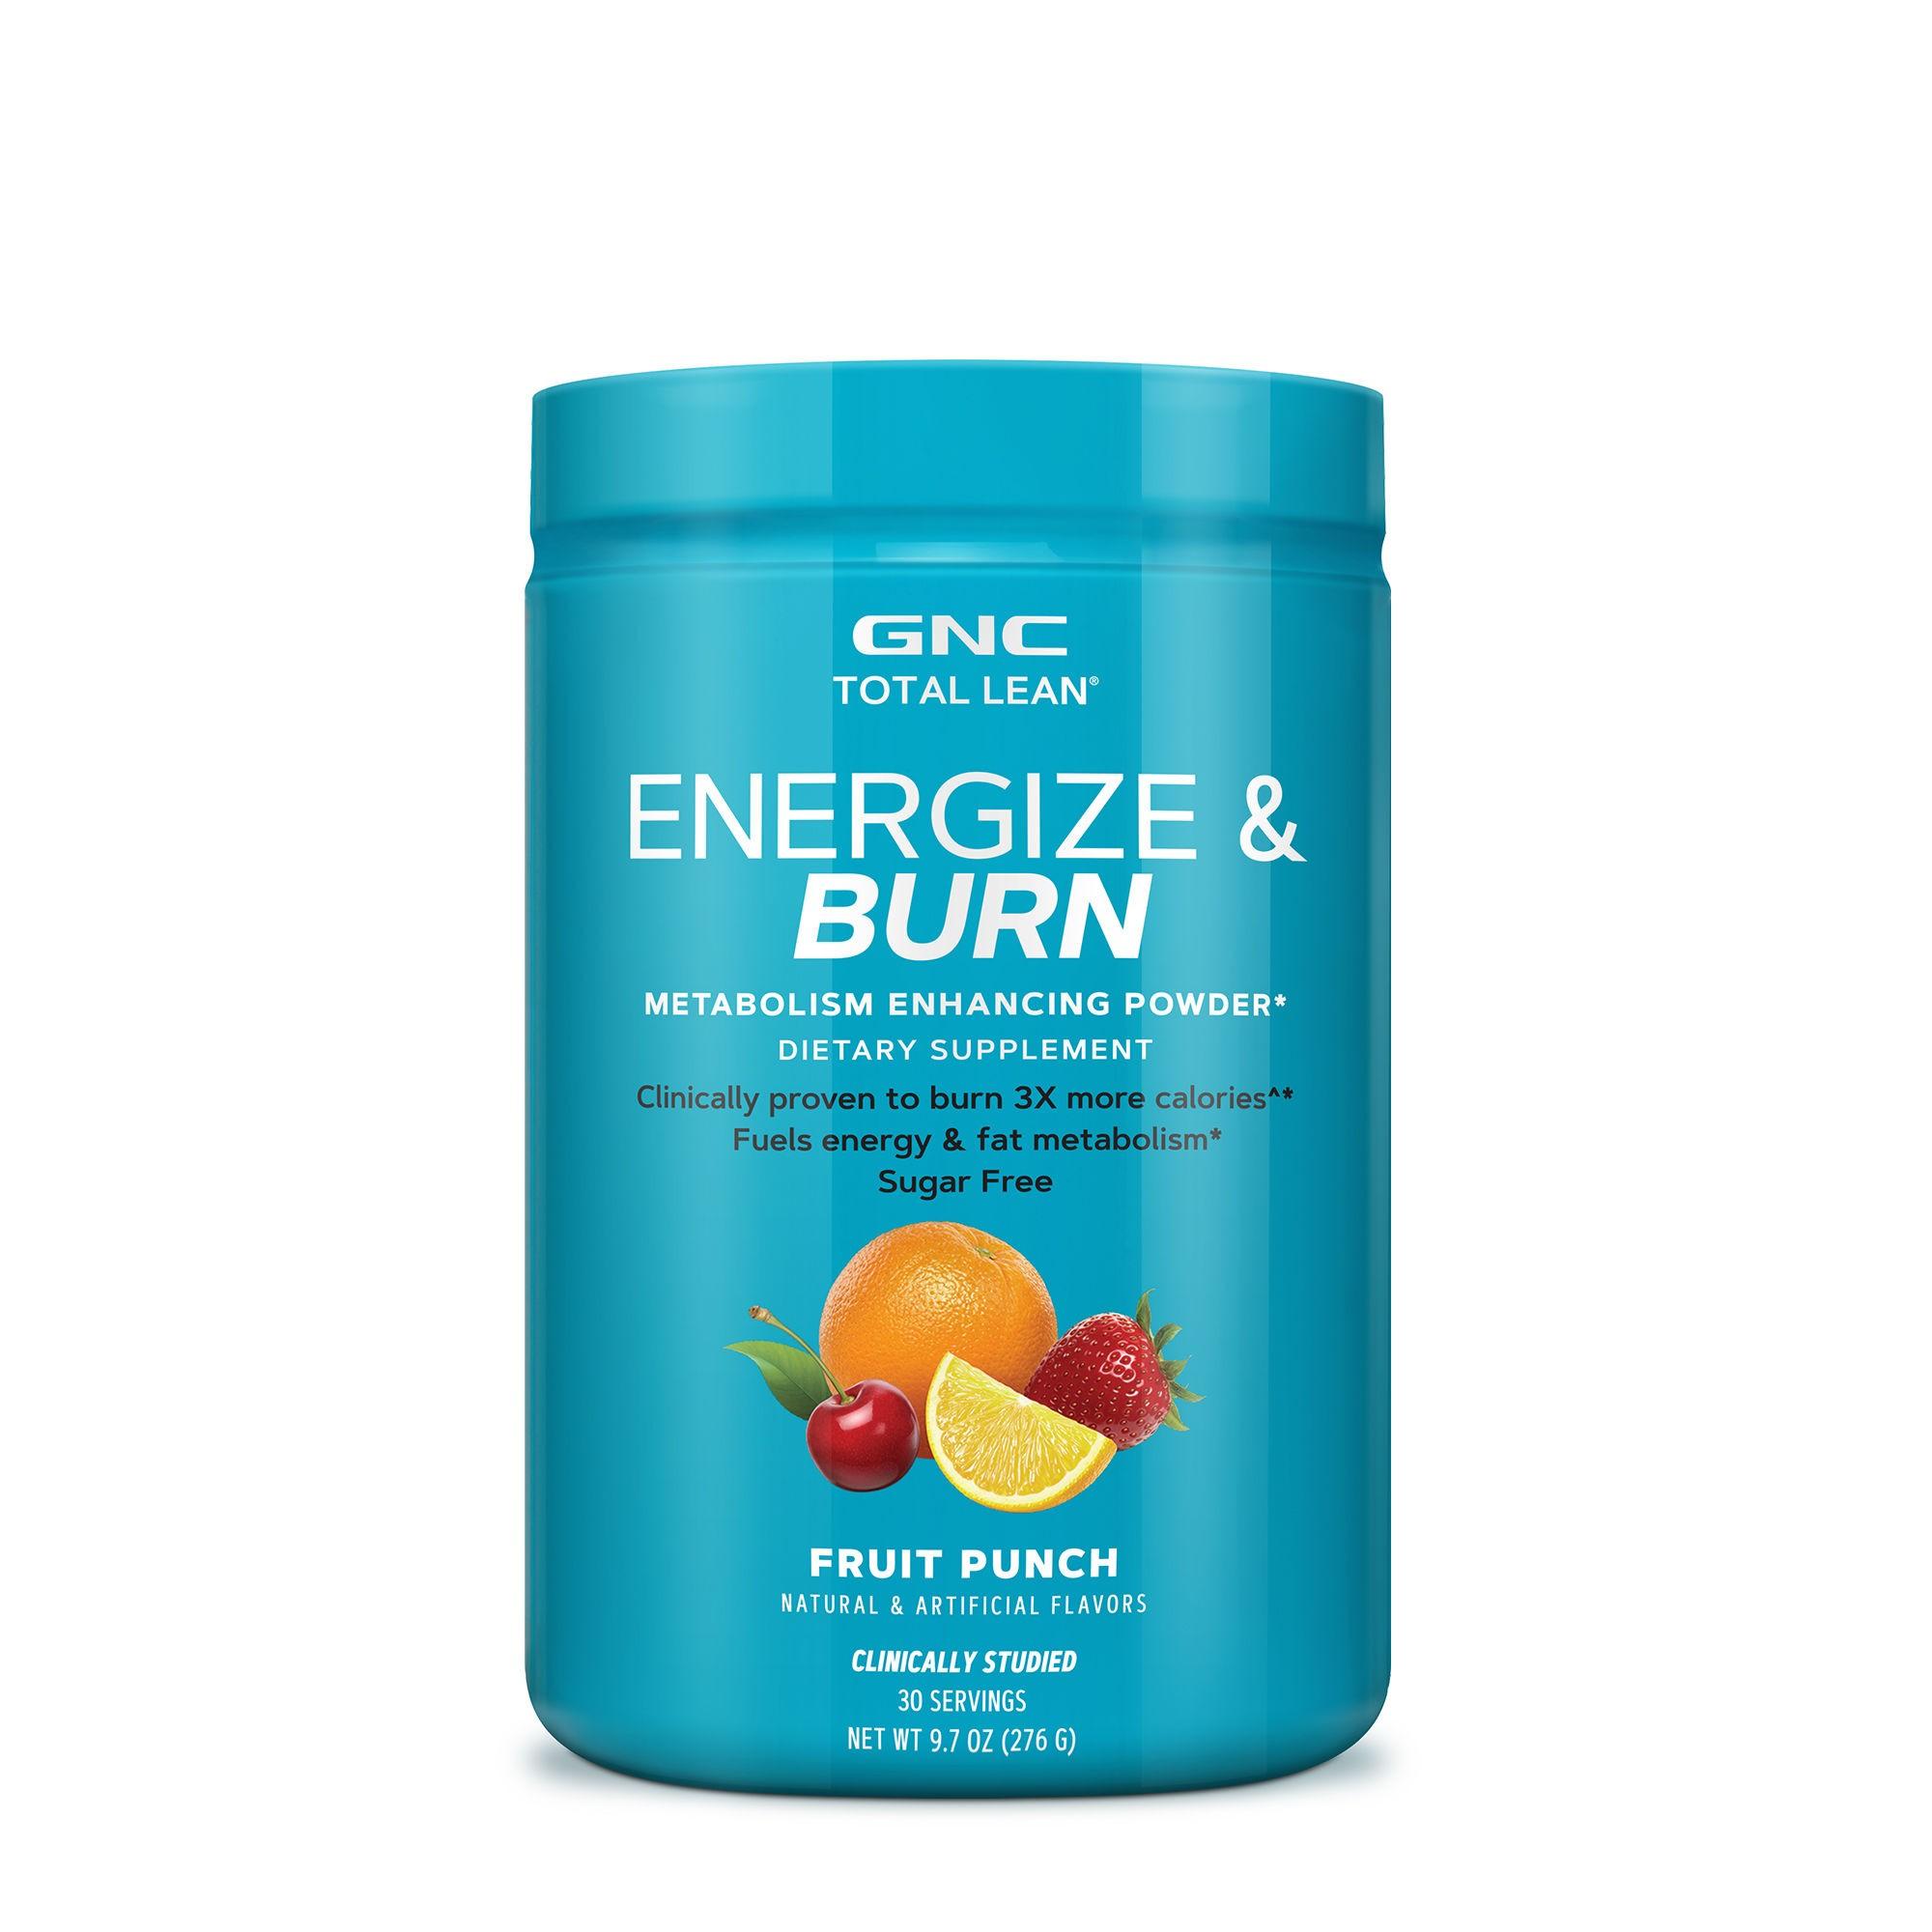 GNC Total Lean® Energize & Burn, Formula Pentru Accelerarea Metabolismului, cu Aroma de Punch de Fructe, 276g